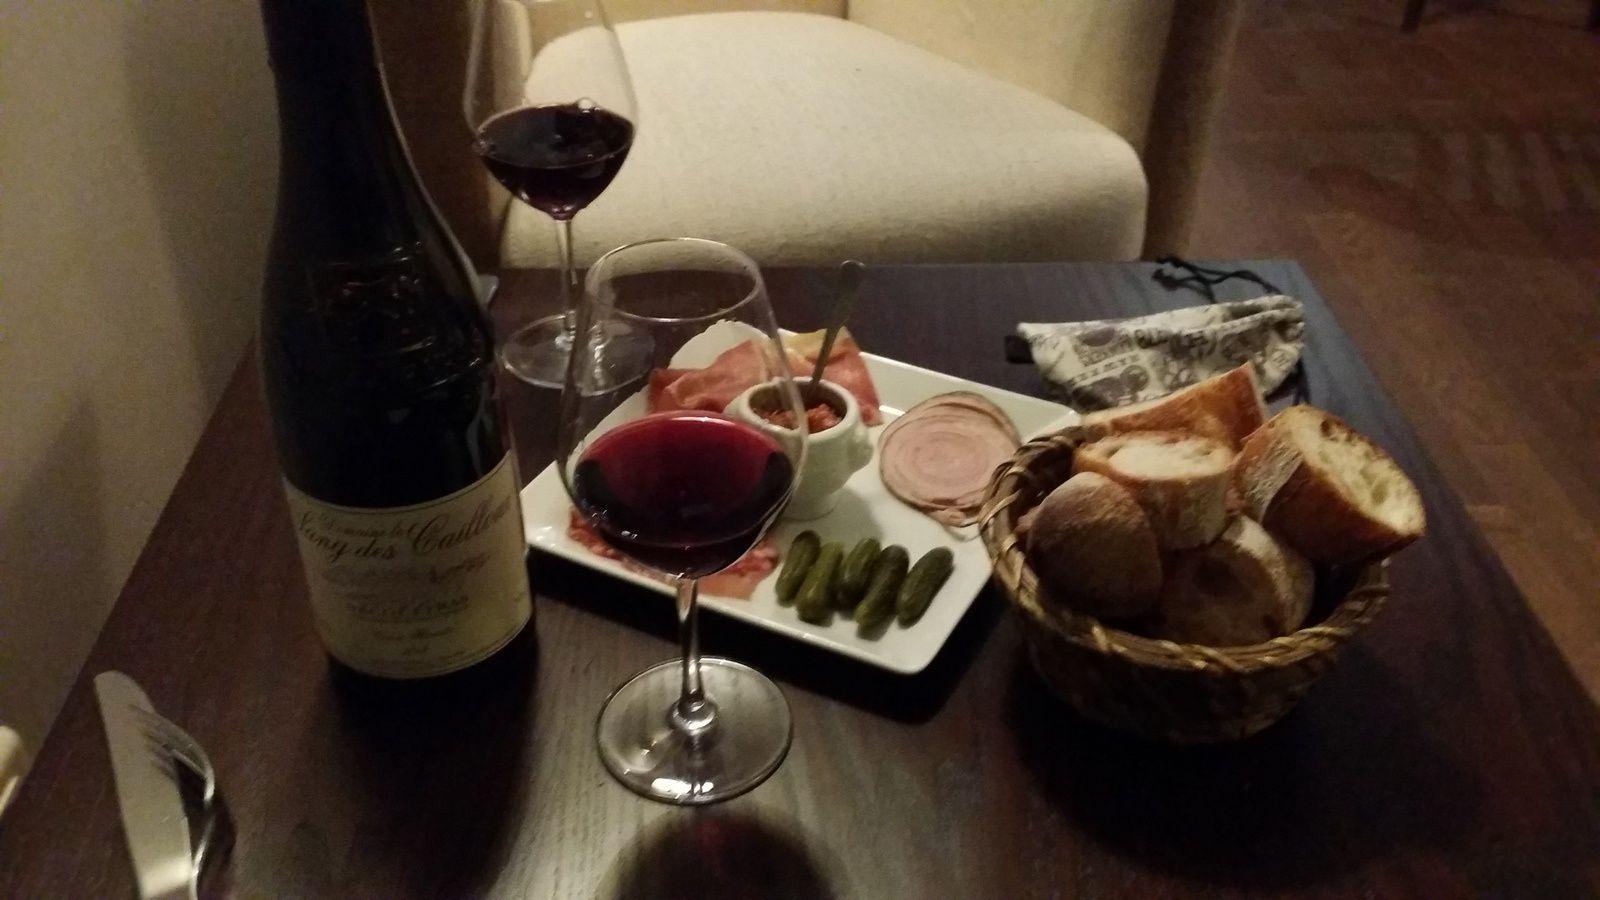 Petite planche de charcuteries à 8,50€, accompagnée d'un délicieux Vacqueyras du Sang des Cailloux, le tout pour à peine 30€...